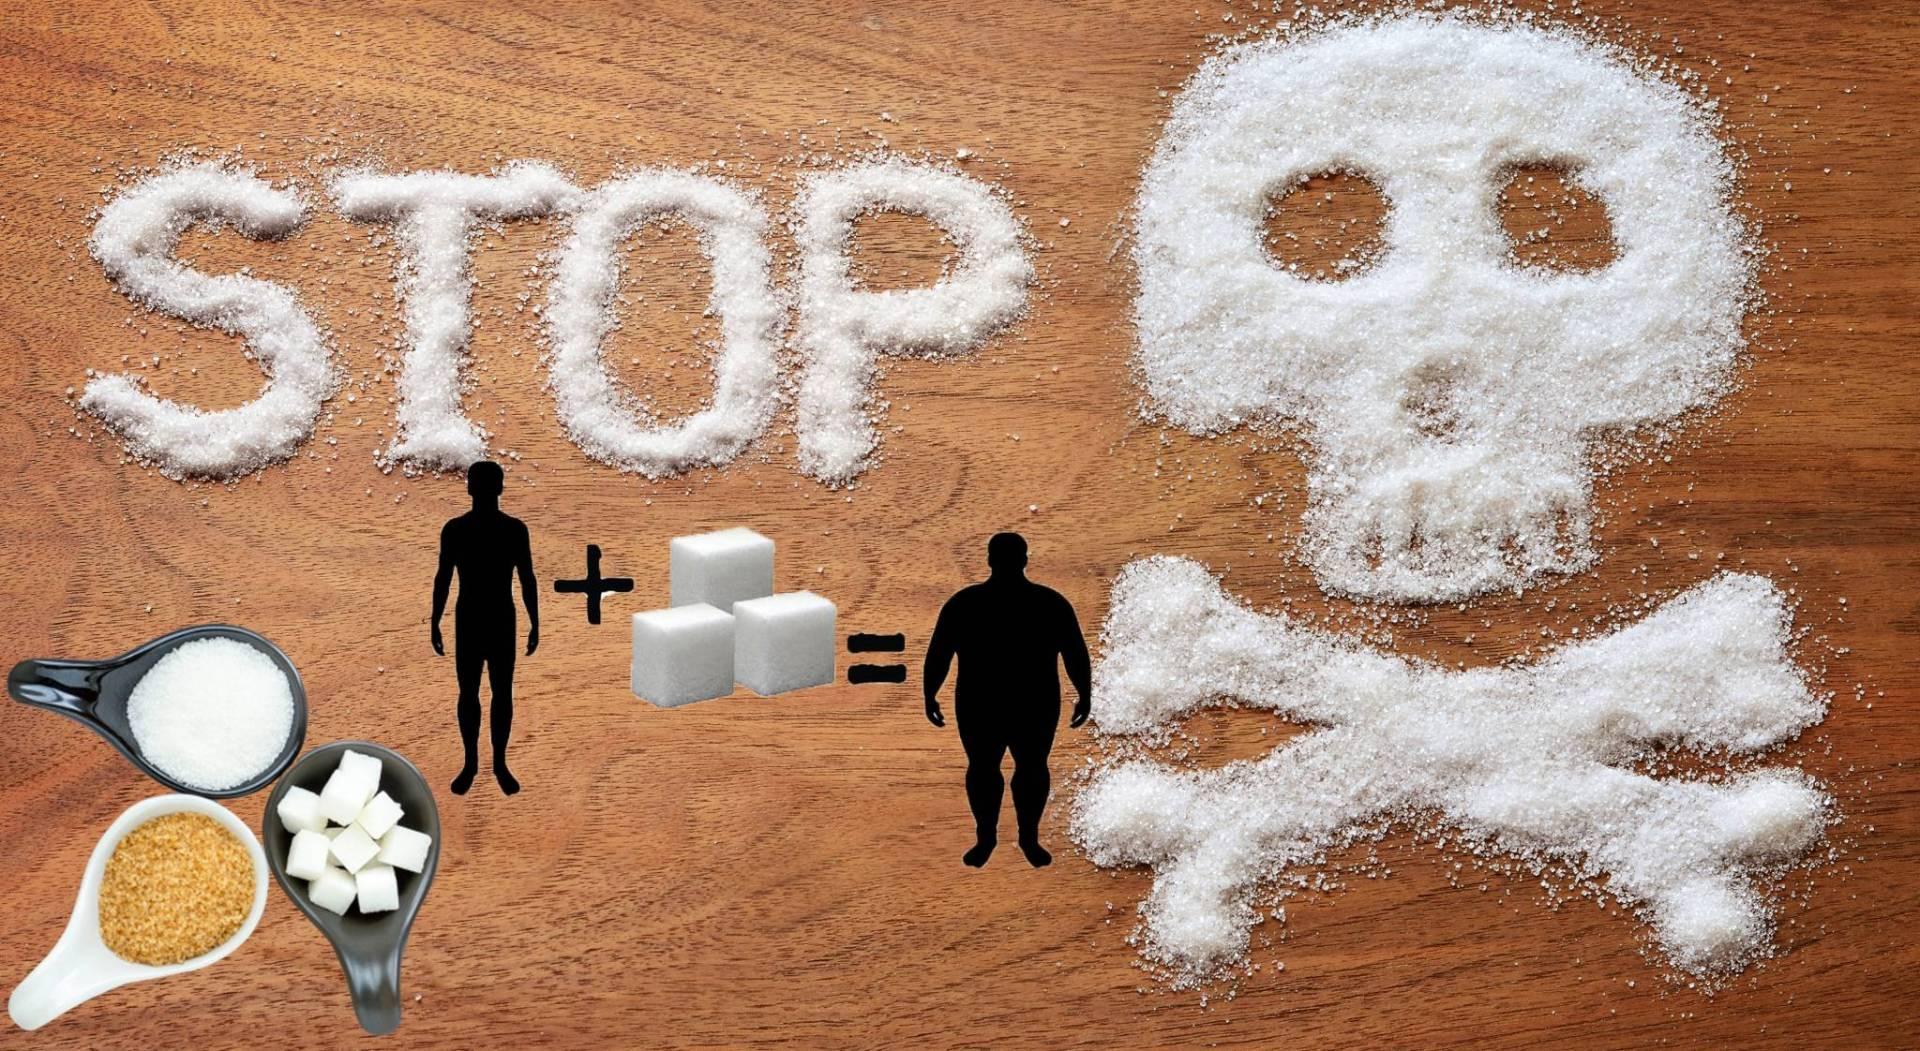 لهذه الأسباب يجب التوقف نهائياً عن تناول السكر.. أبيضَ كان أو أسمر